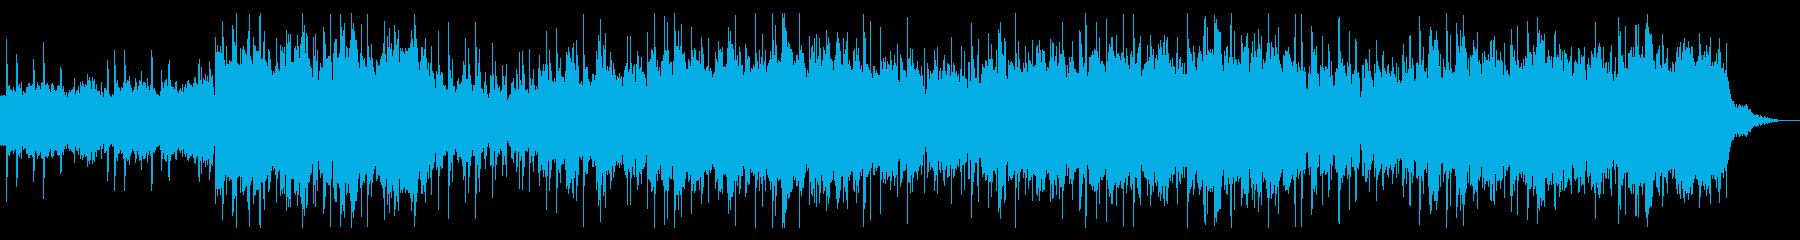 ダークなサウンドスケープの再生済みの波形